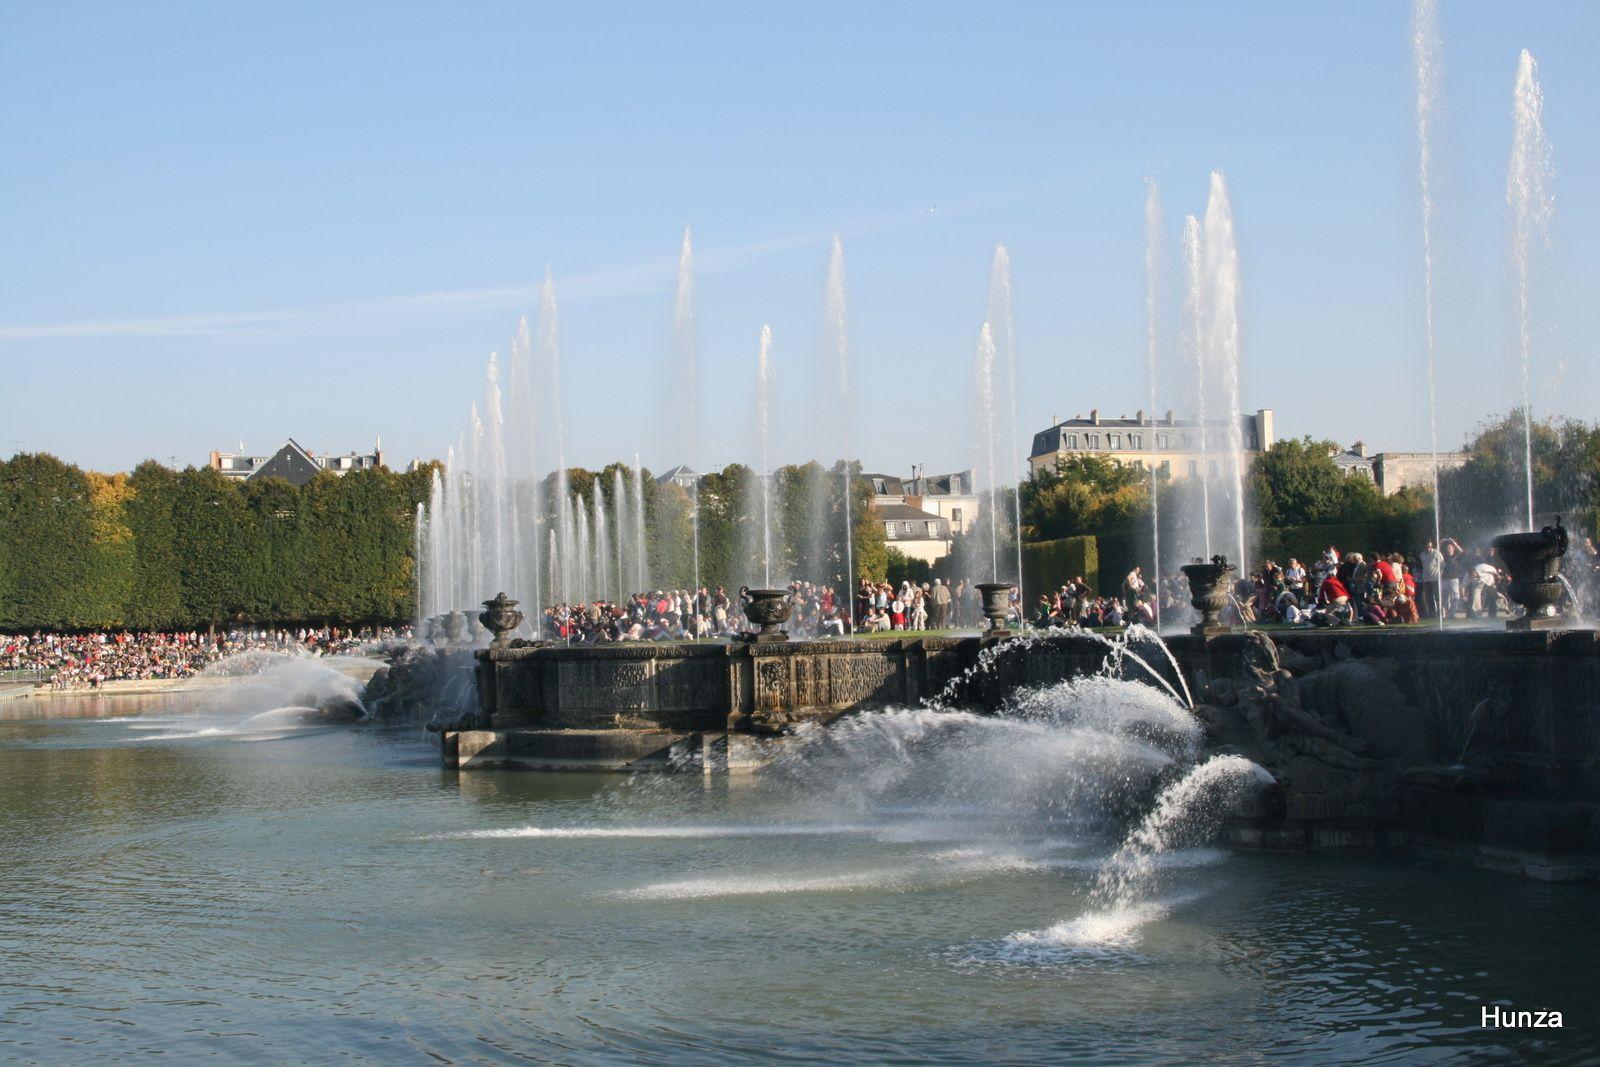 Balade dans le parc du château de Versailles pendant les grandes eaux musicales